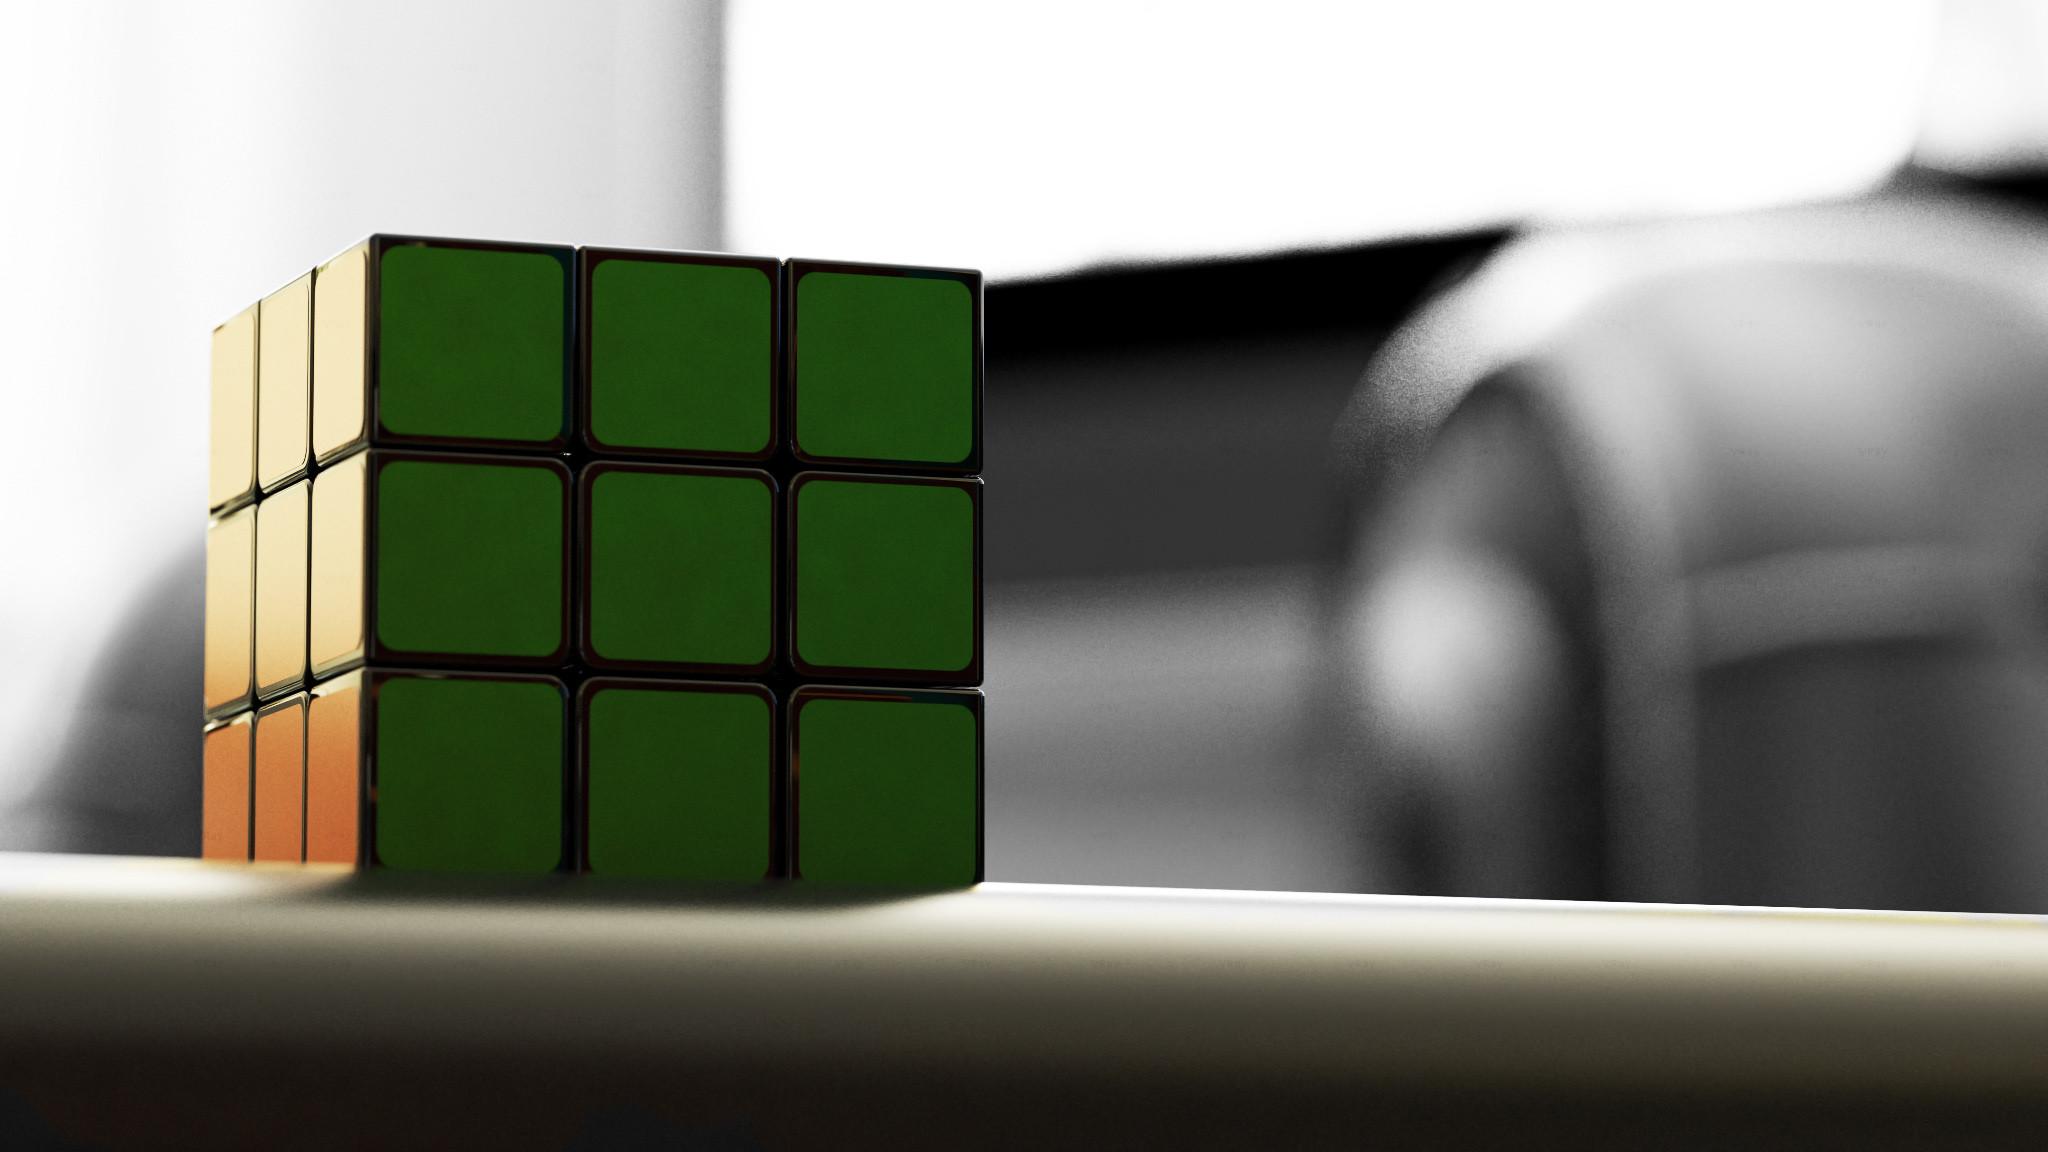 Rubiks cube Wallpaper by DjCanalex Rubiks cube Wallpaper by DjCanalex